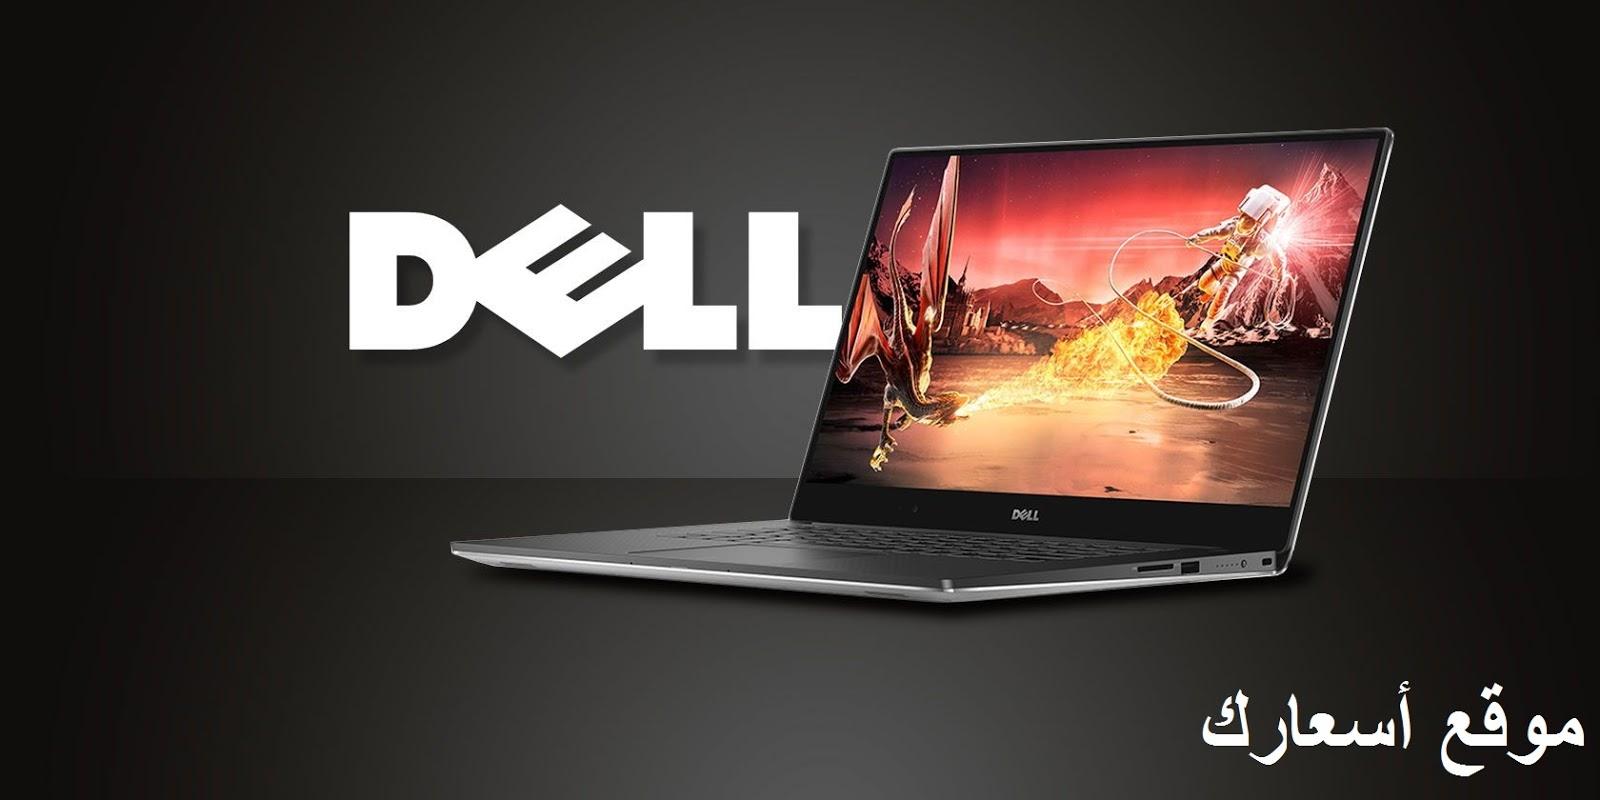 لاب توب ديل Dell